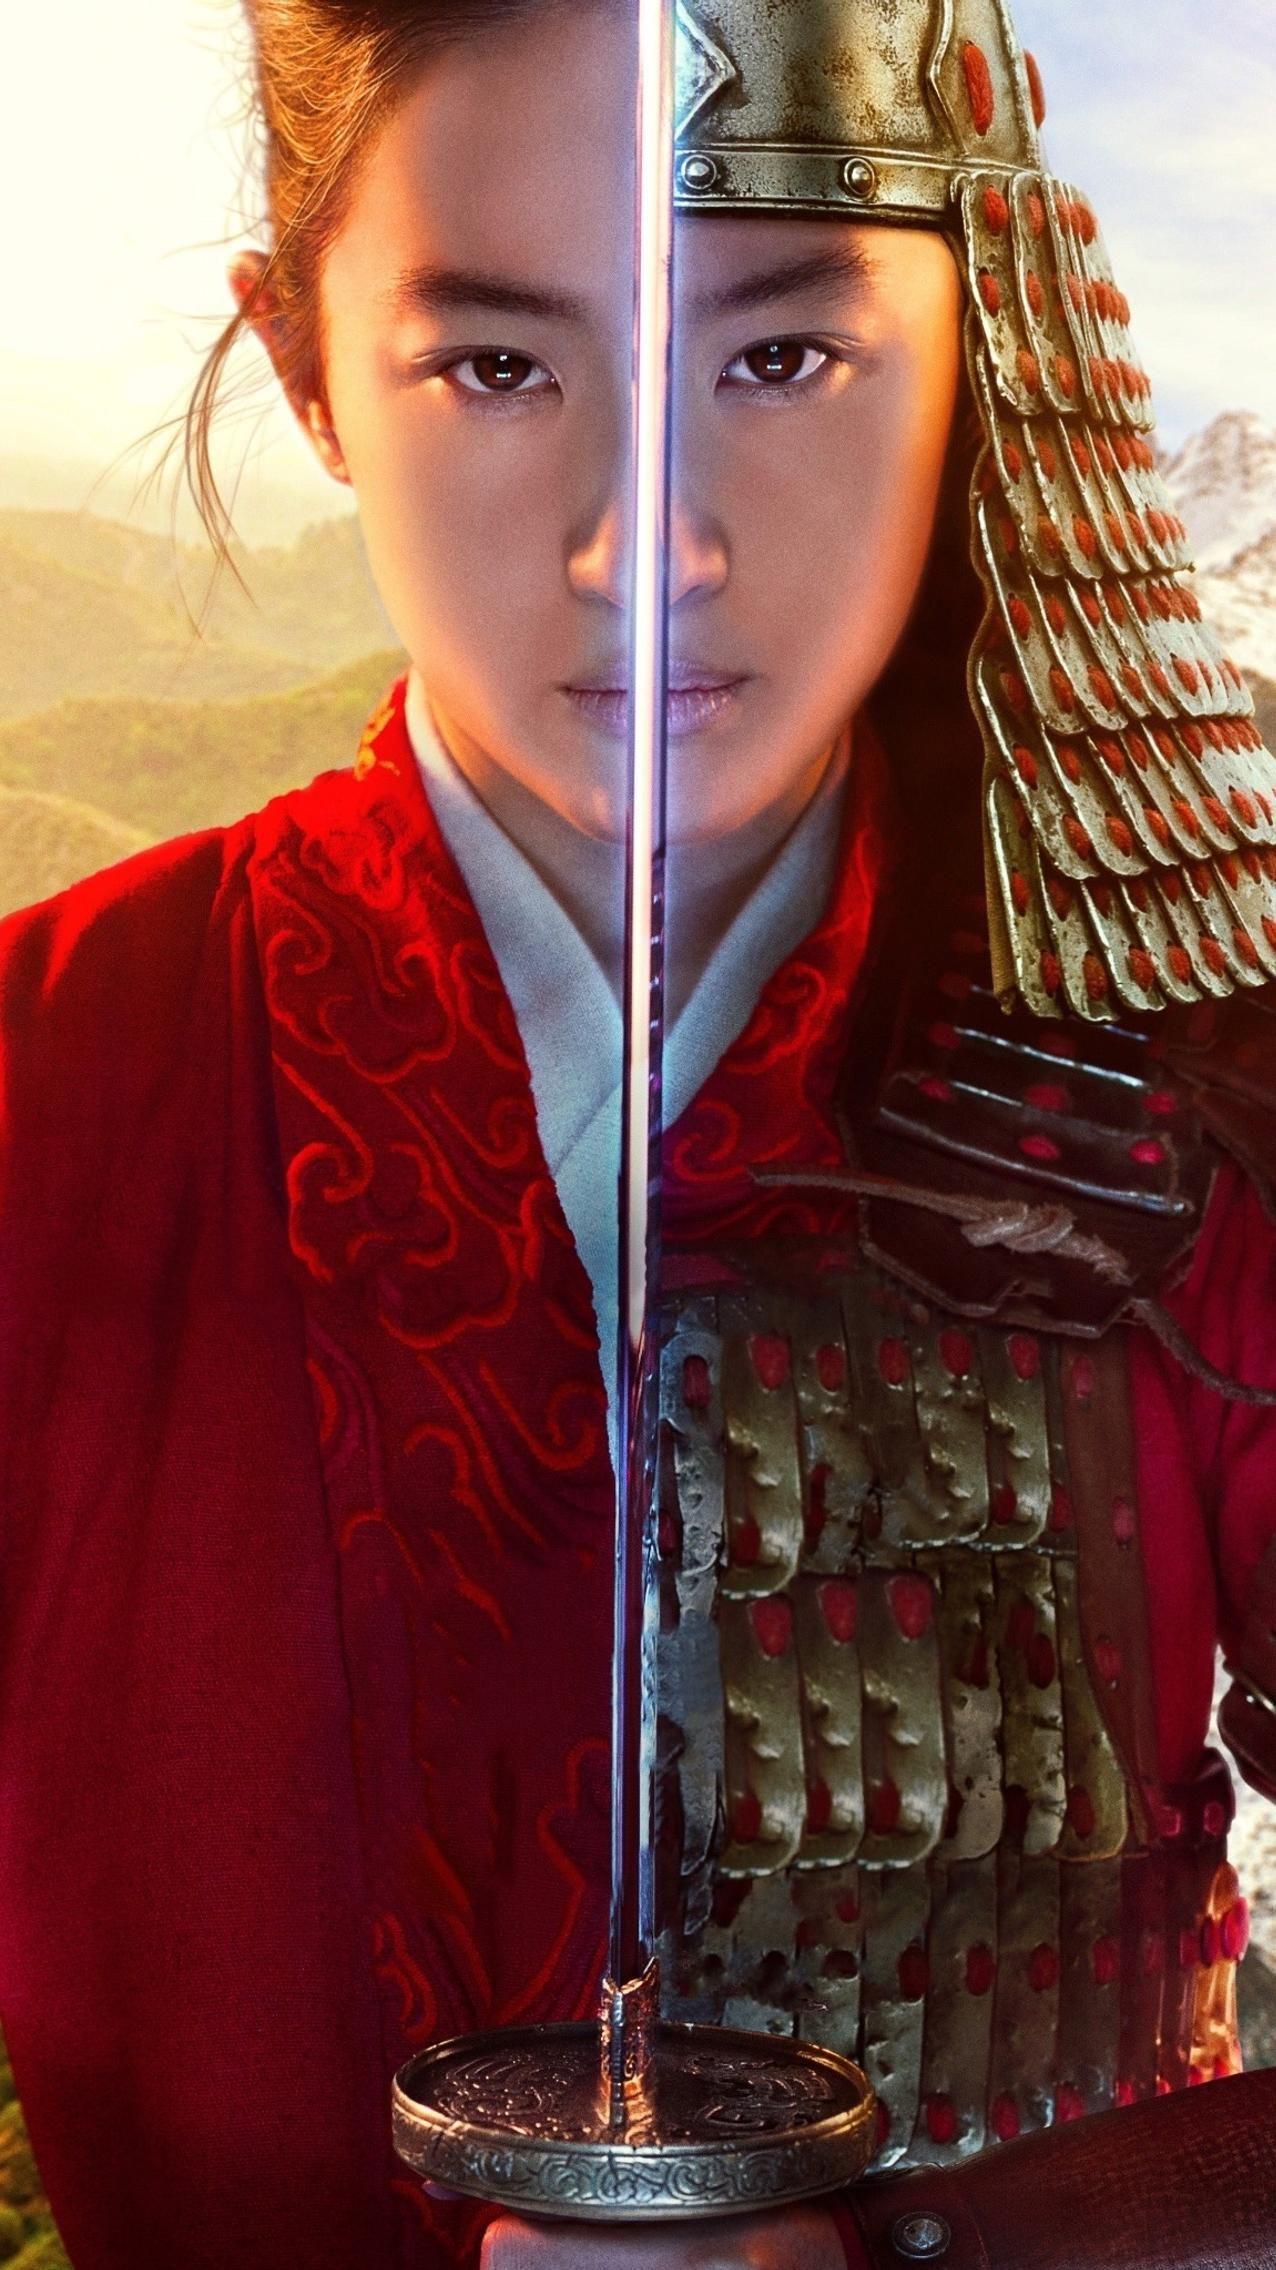 Mulan 2020 Phone Wallpaper Moviemania In 2020 Mulan Watch Mulan Mulan Movie